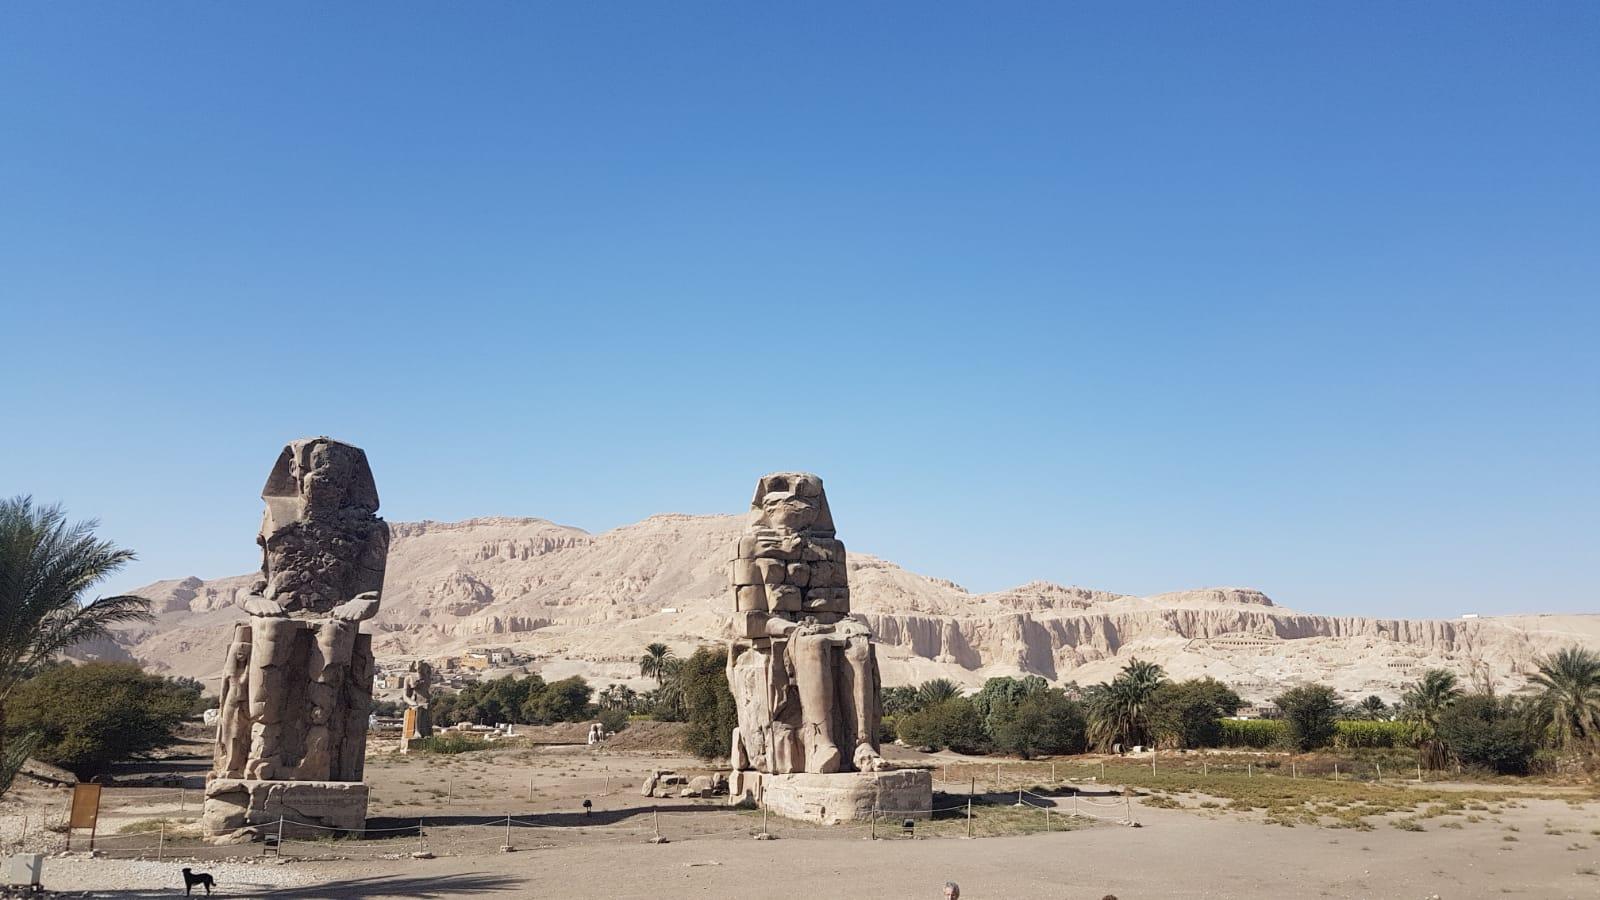 Tagesausflug nach Luxor mit dem Bus